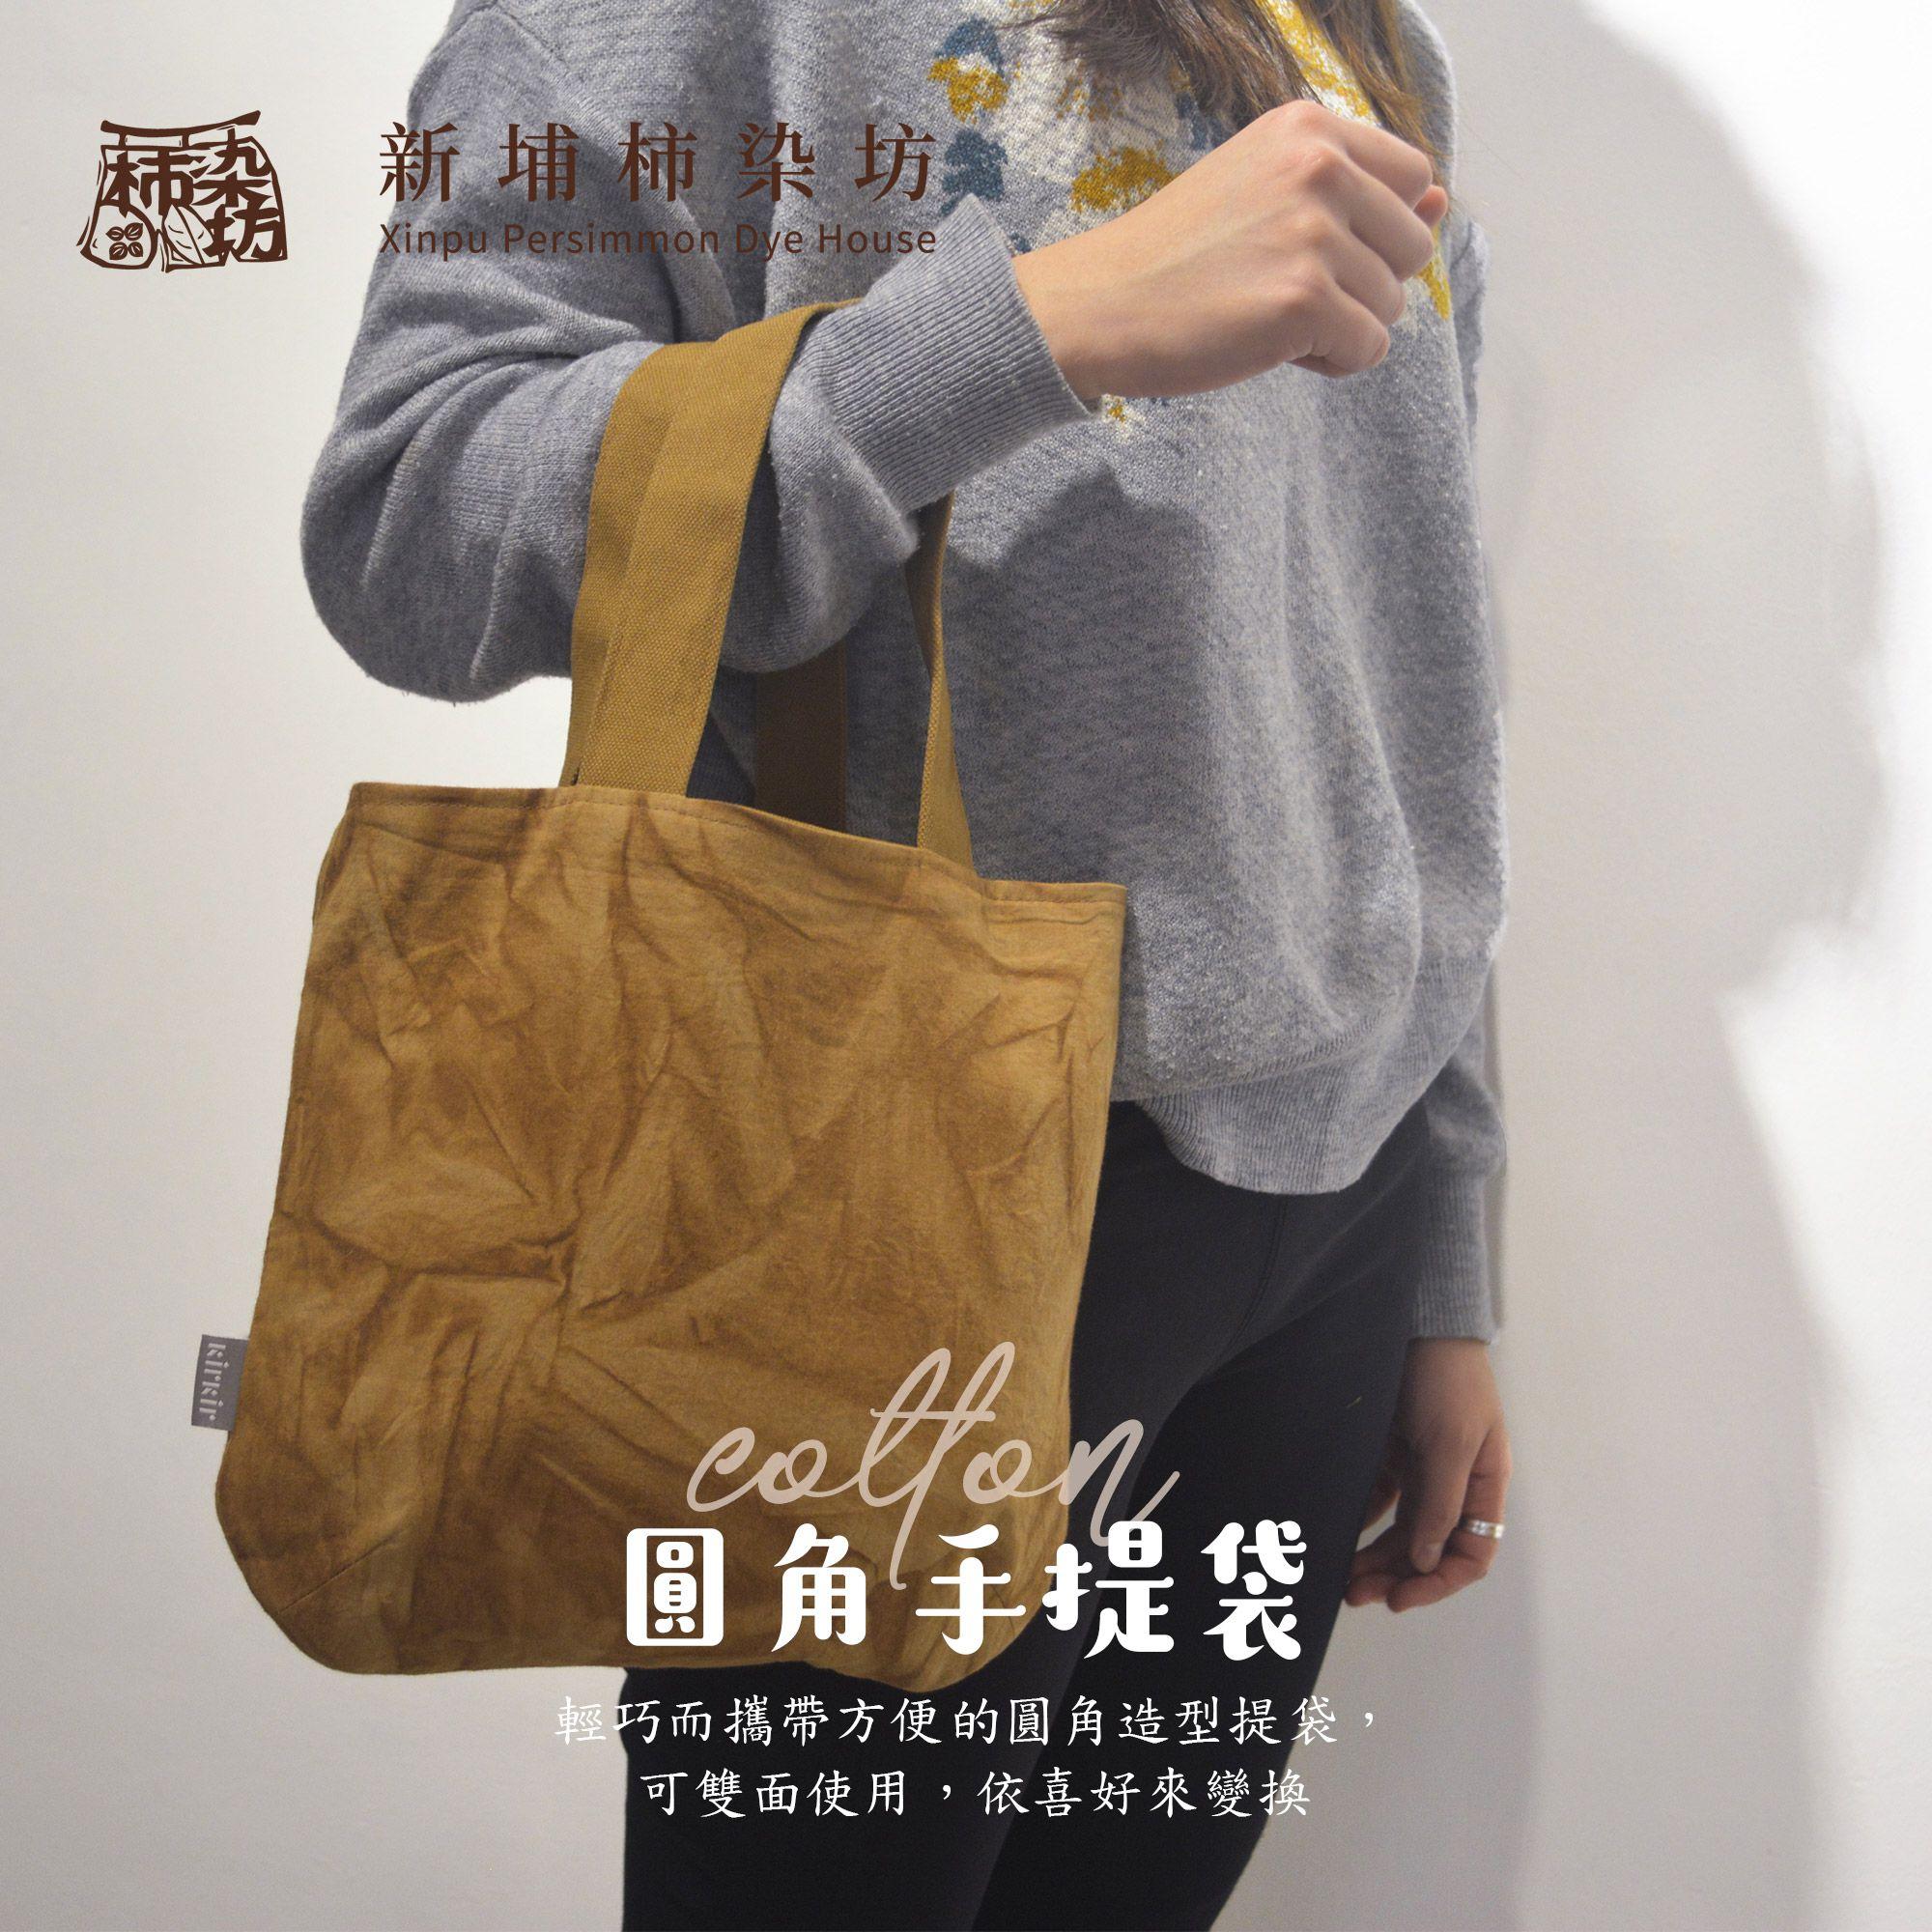 【新埔柿染坊】圓角手提袋,輕巧而攜帶方便的圓角造型提袋,可雙面使用